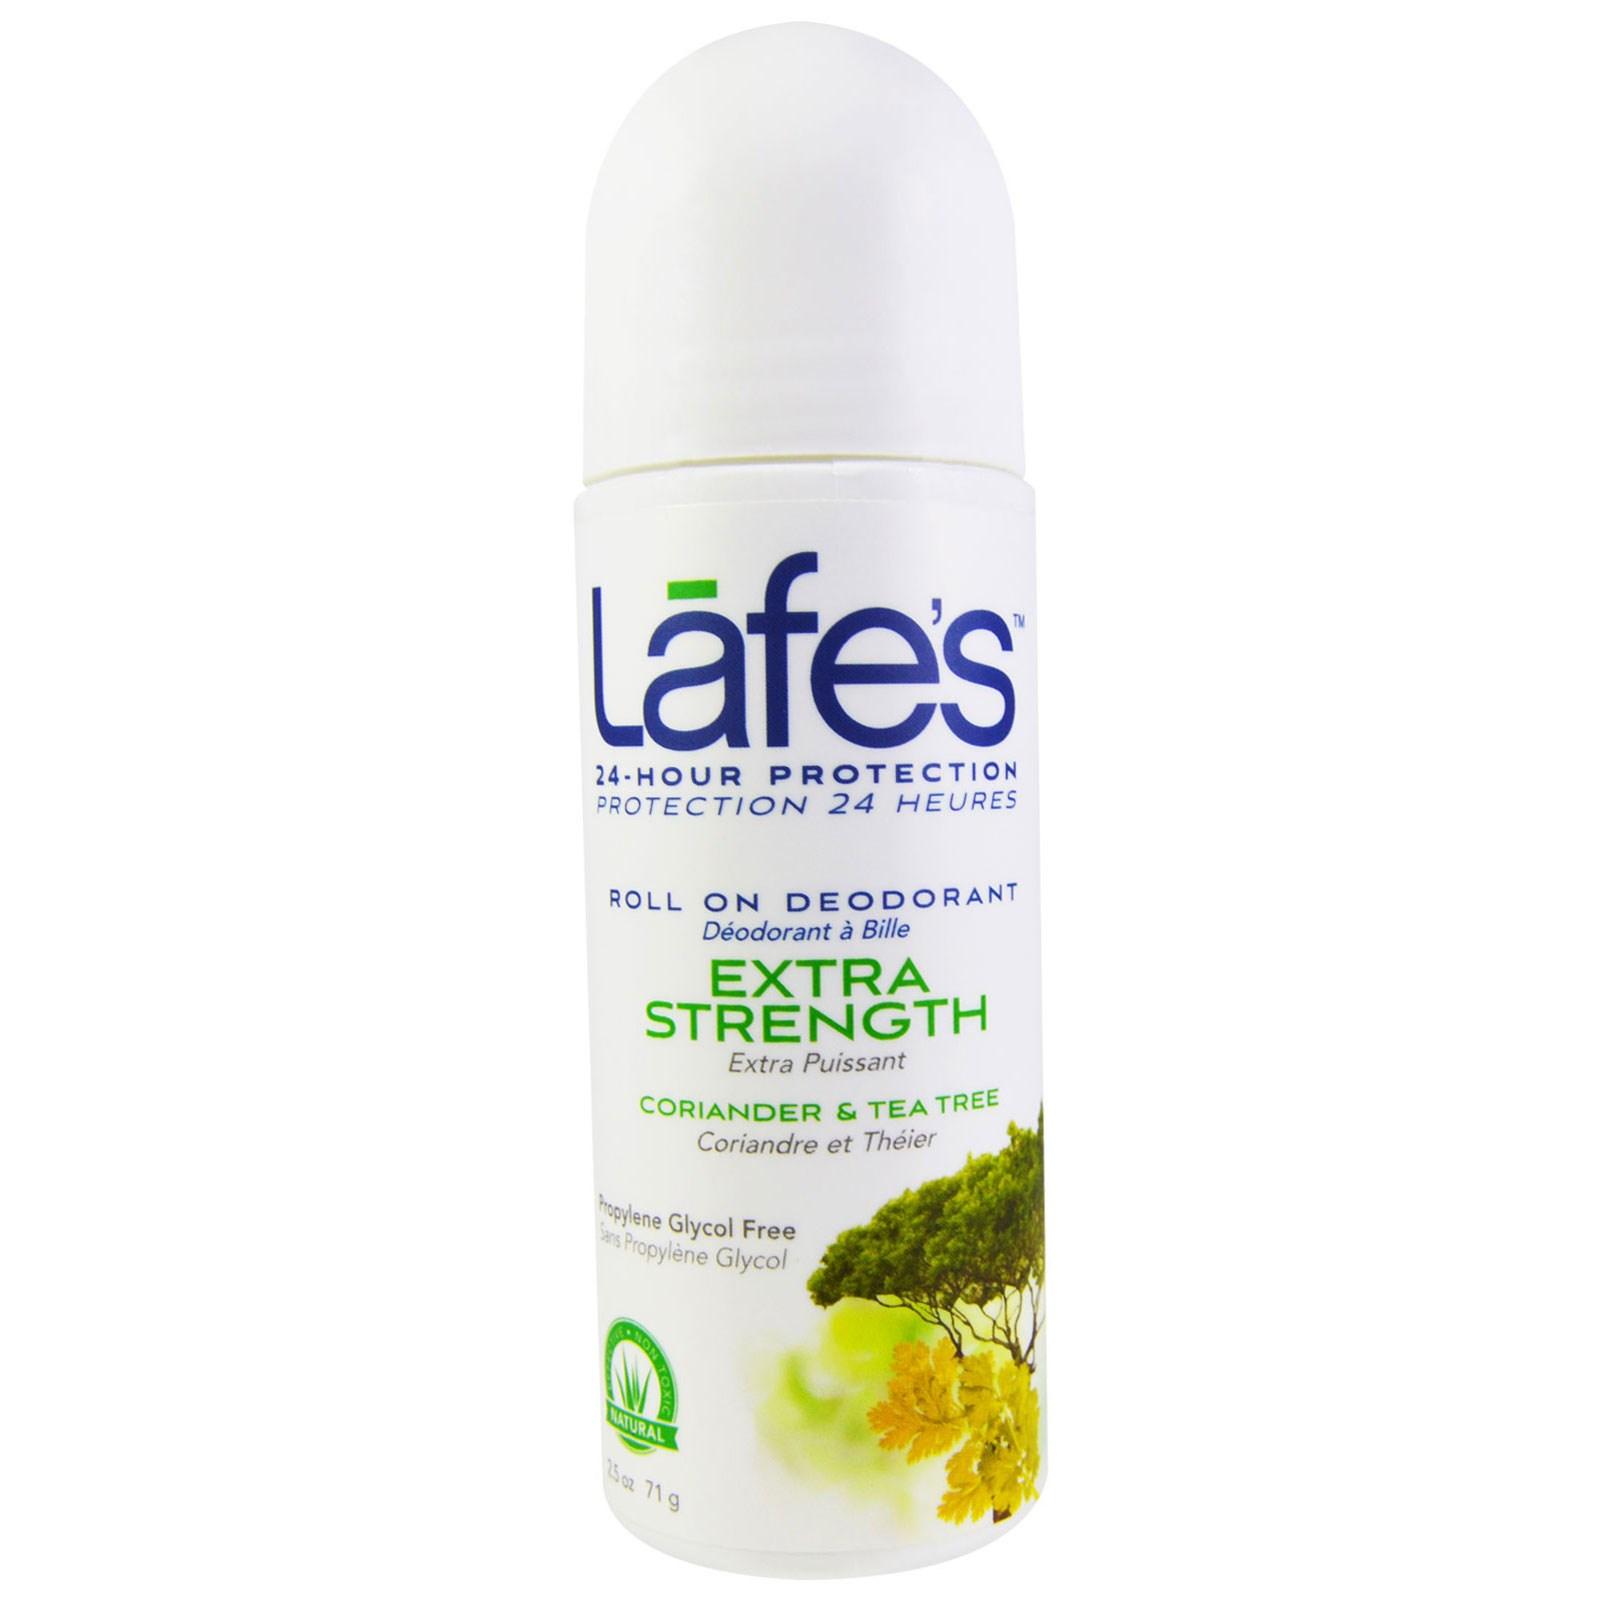 Lafe's Natural Body Care, Дезодорант-шарик, экстра-сильный, кориандр и чайное дерево, 2,5 унции (71 г)